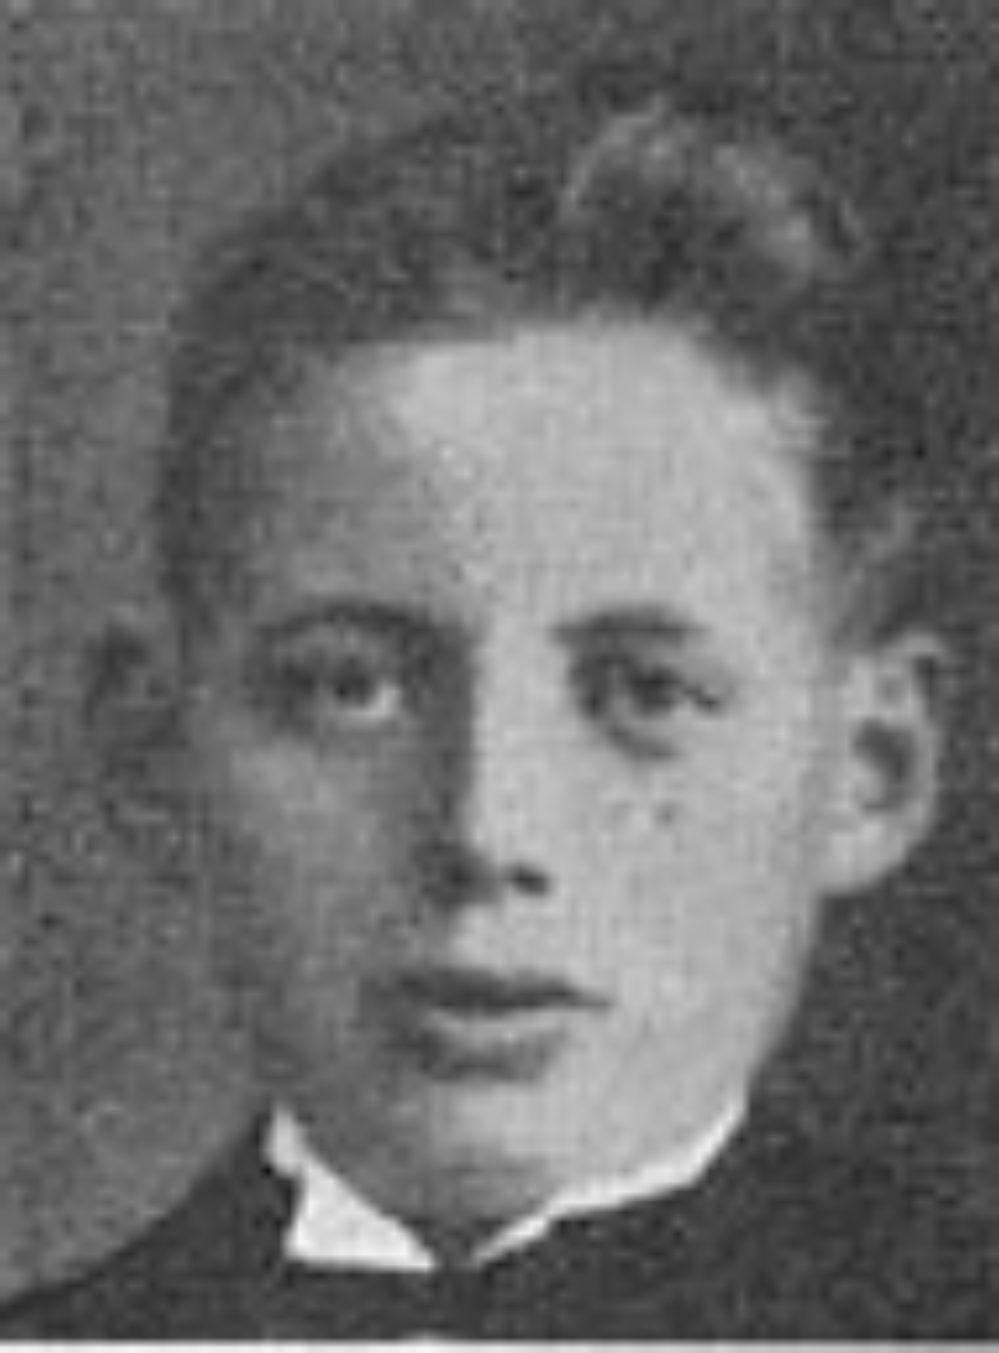 Alf Rudolf Carlsen Leijon